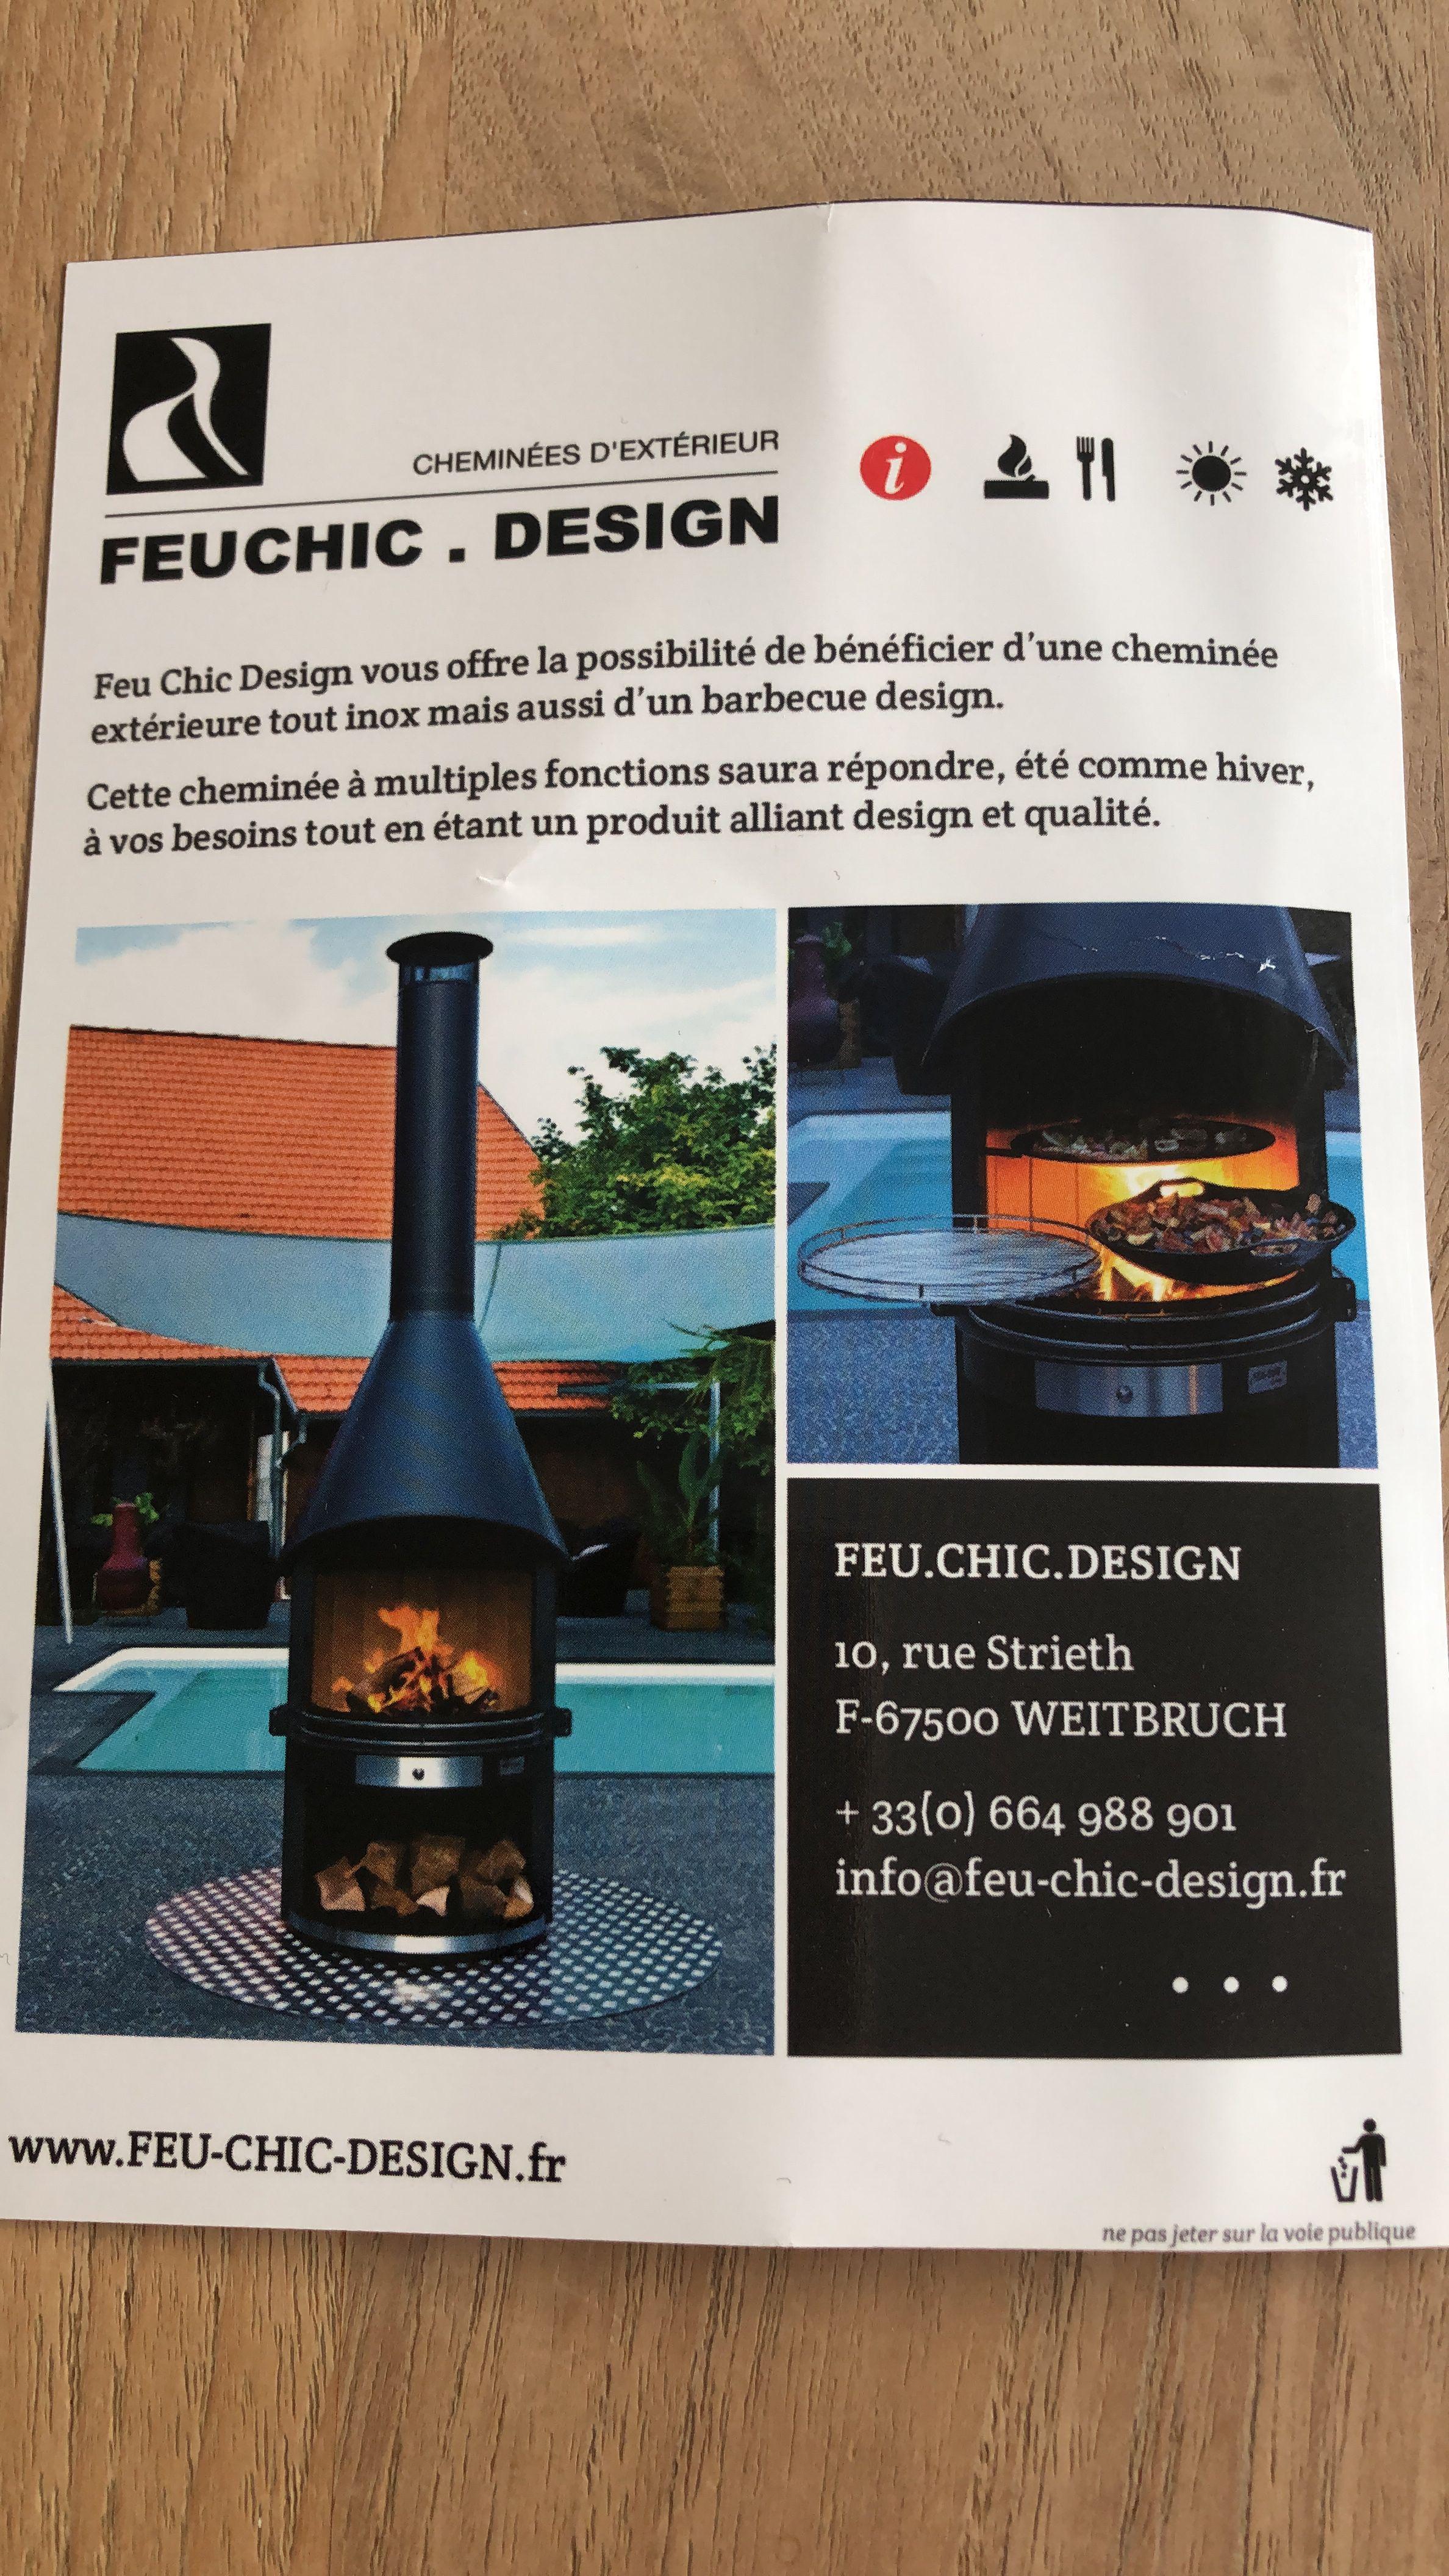 Prix Cheminee Exterieur Feu Chic Design Épinglé par carine coquio sur terrasse   terrasse